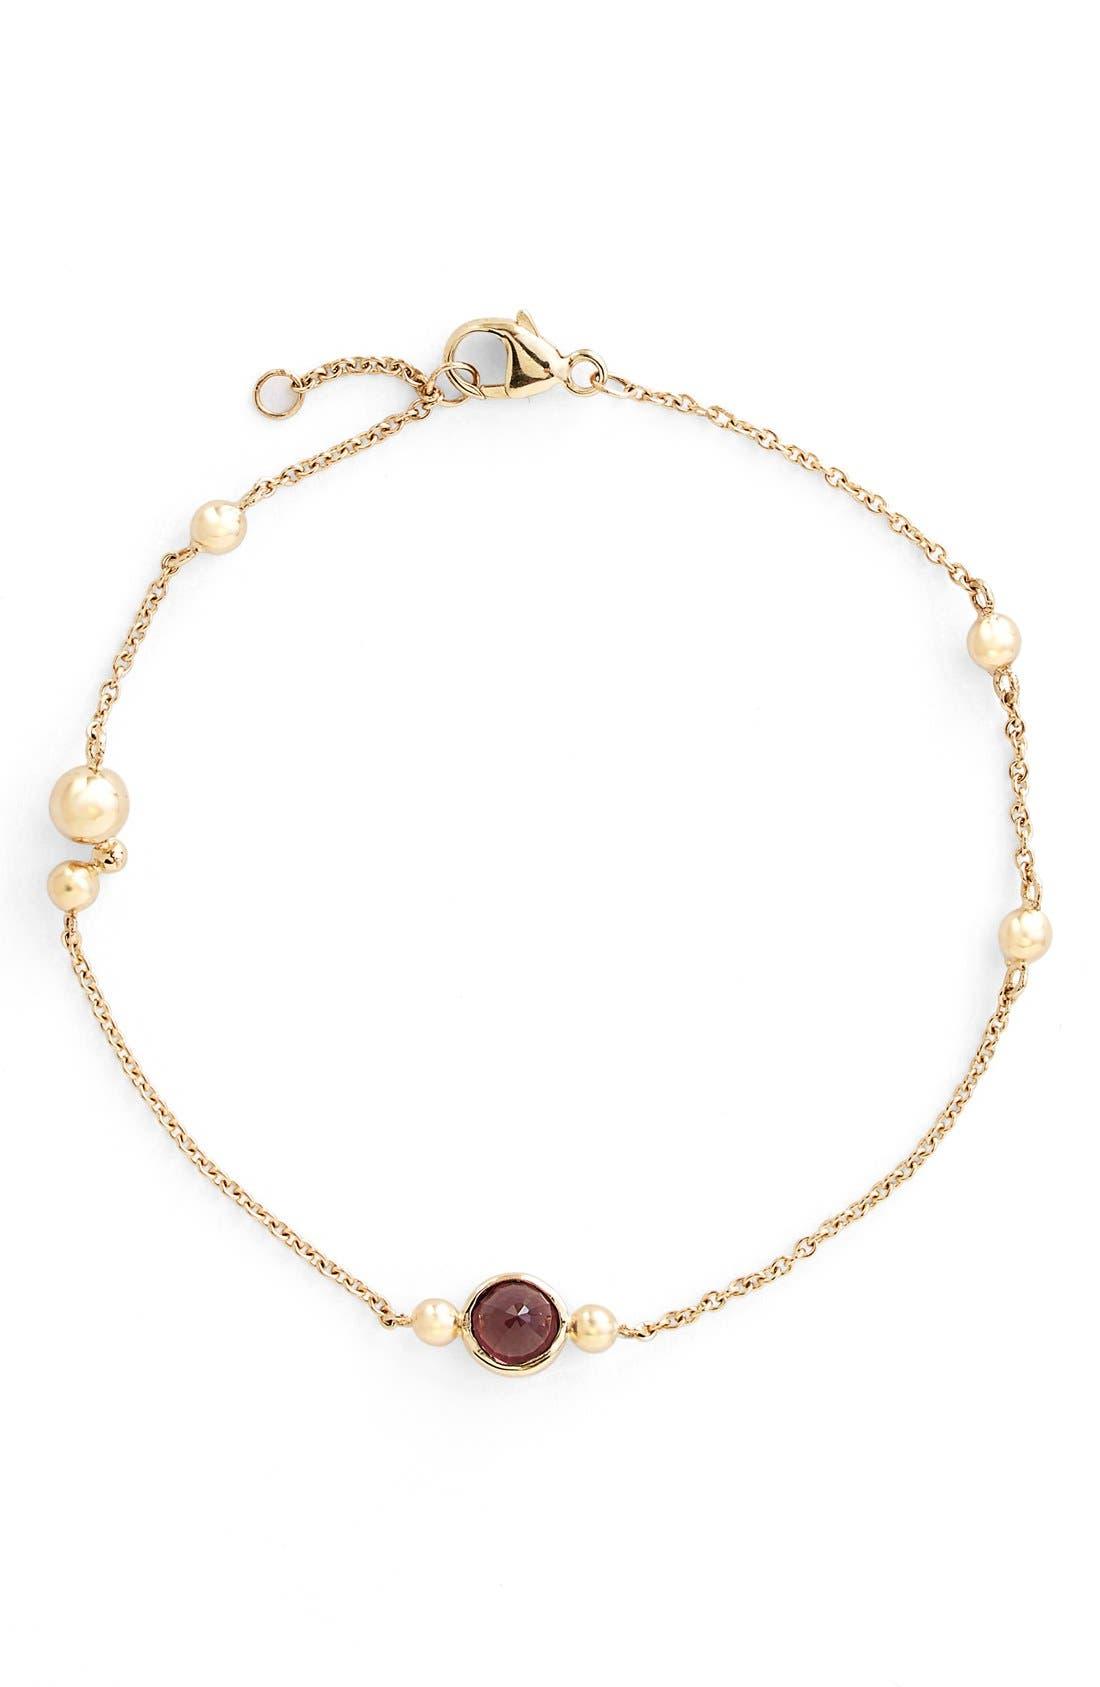 ANZIE 'Dew Drop' Semiprecious Stone Bracelet